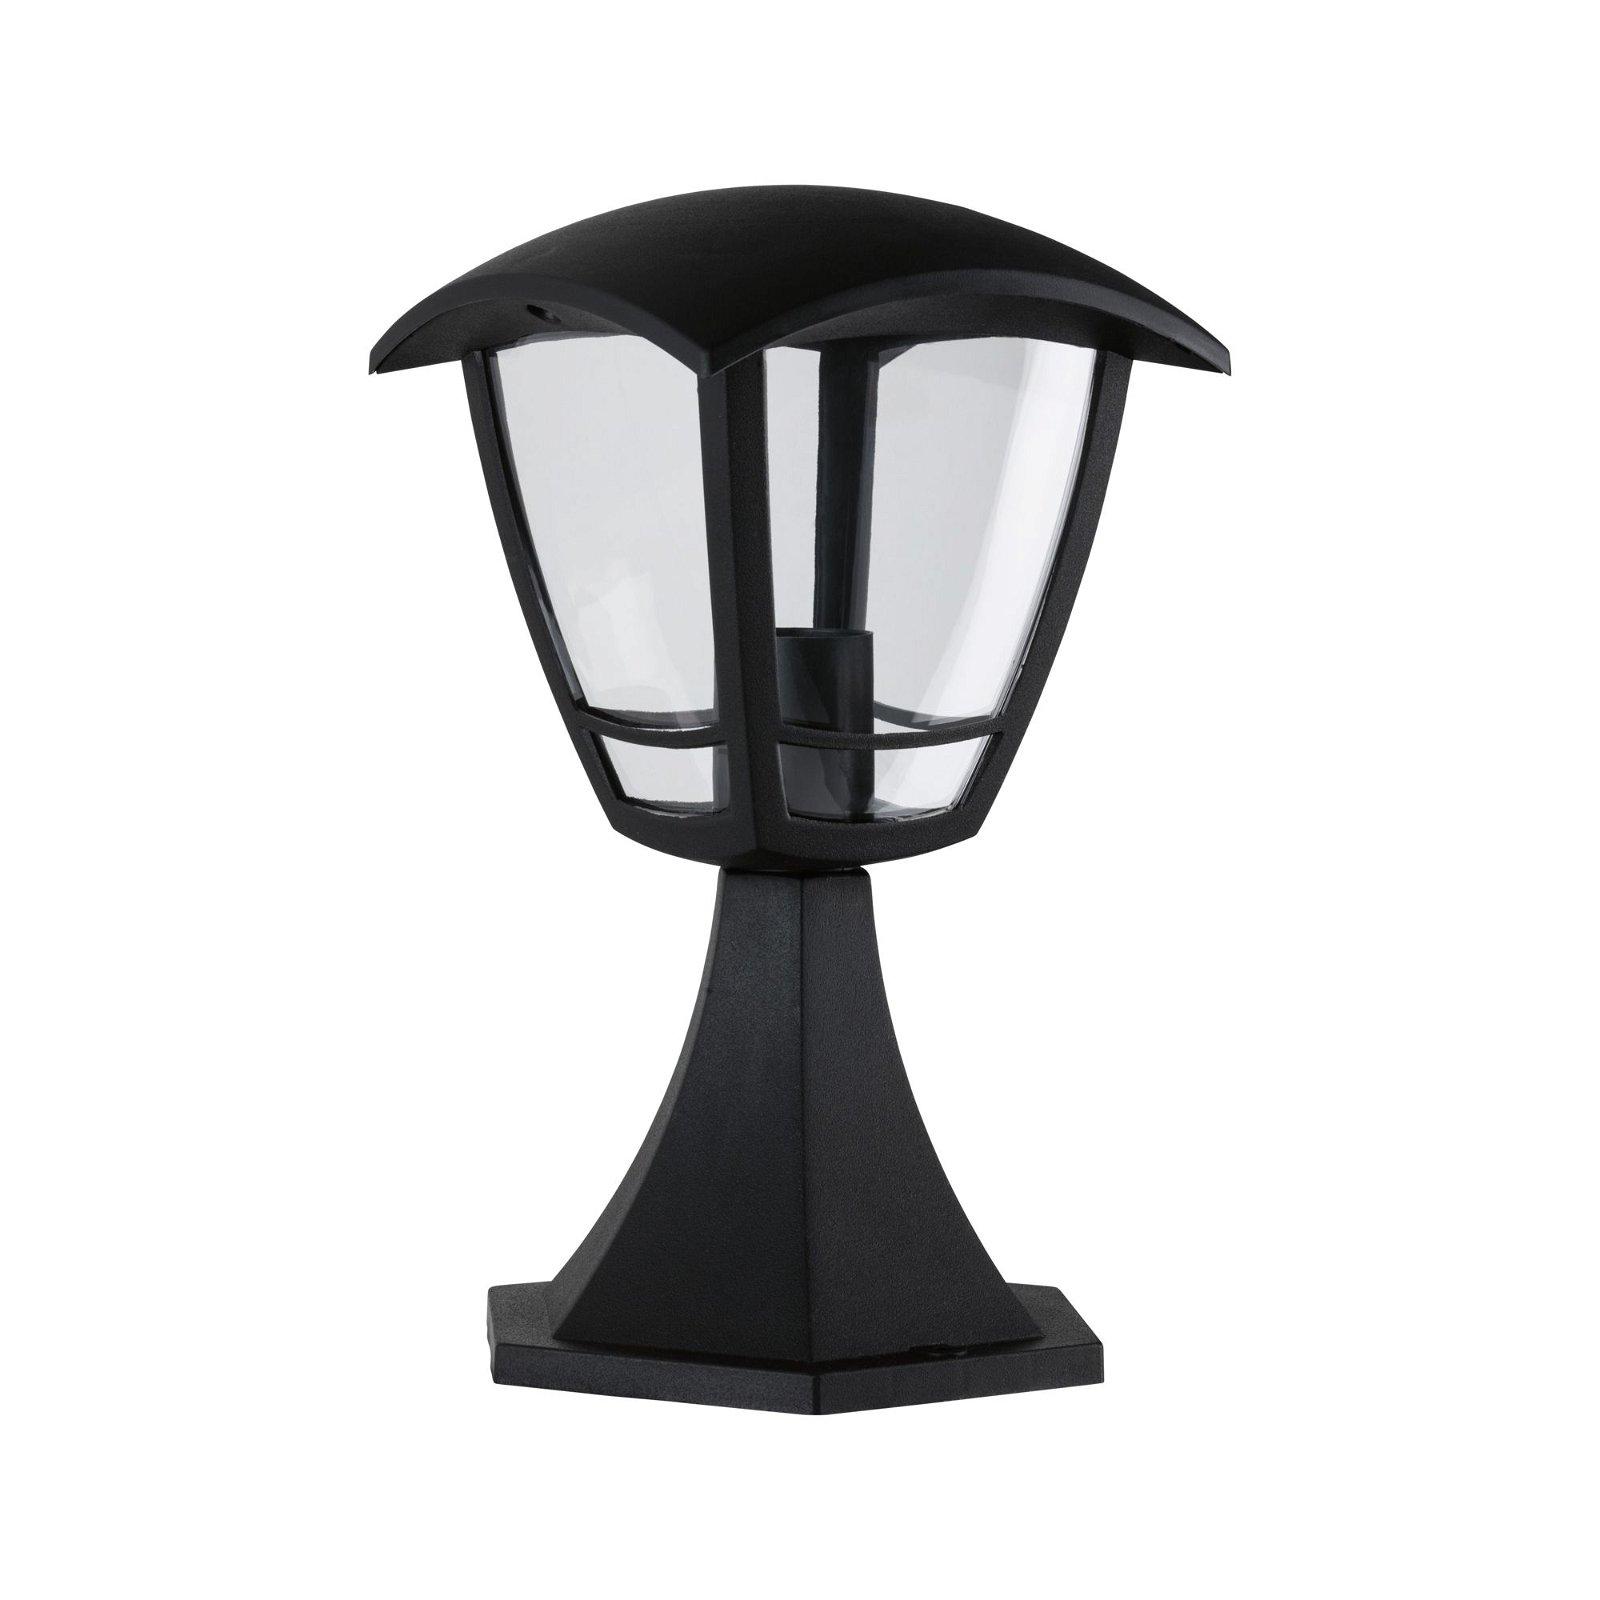 Bolderlamp Classic Curved IP44 280mm max. 12W 230V Helder/Zwart Kunststof